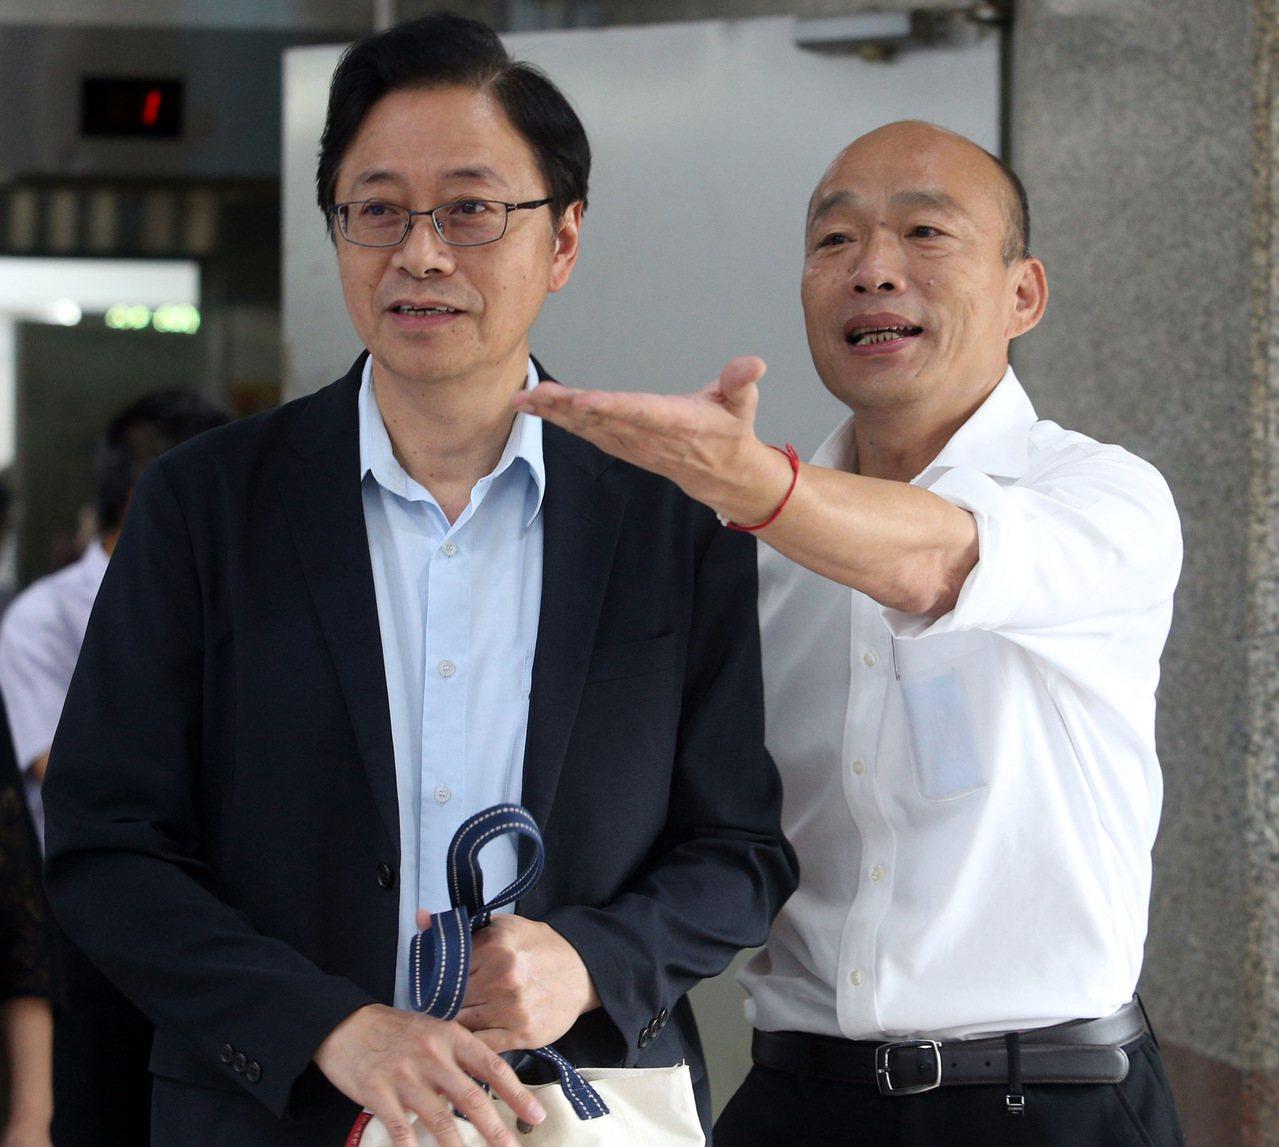 國民黨總統參選人韓國瑜(右)正式宣布副手是前行政院長張善政。 聯合報系資料照/記...